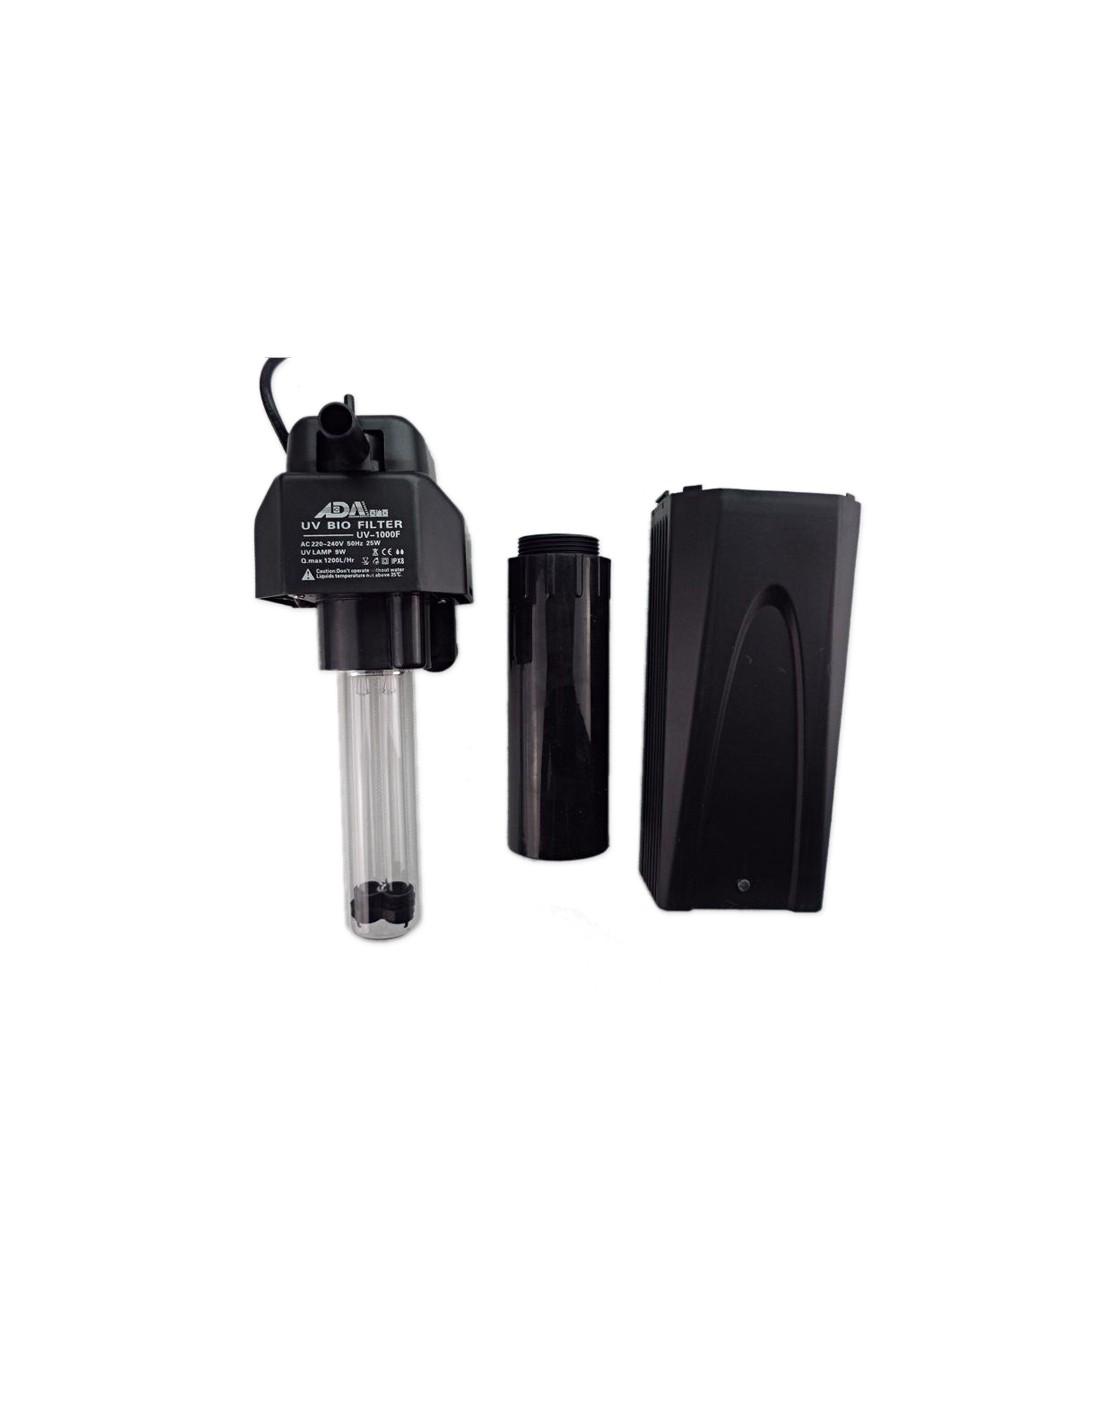 Pompa filtro con lampada uv sterilizzatore for Lampada uv per tartarughe acquatiche prezzo